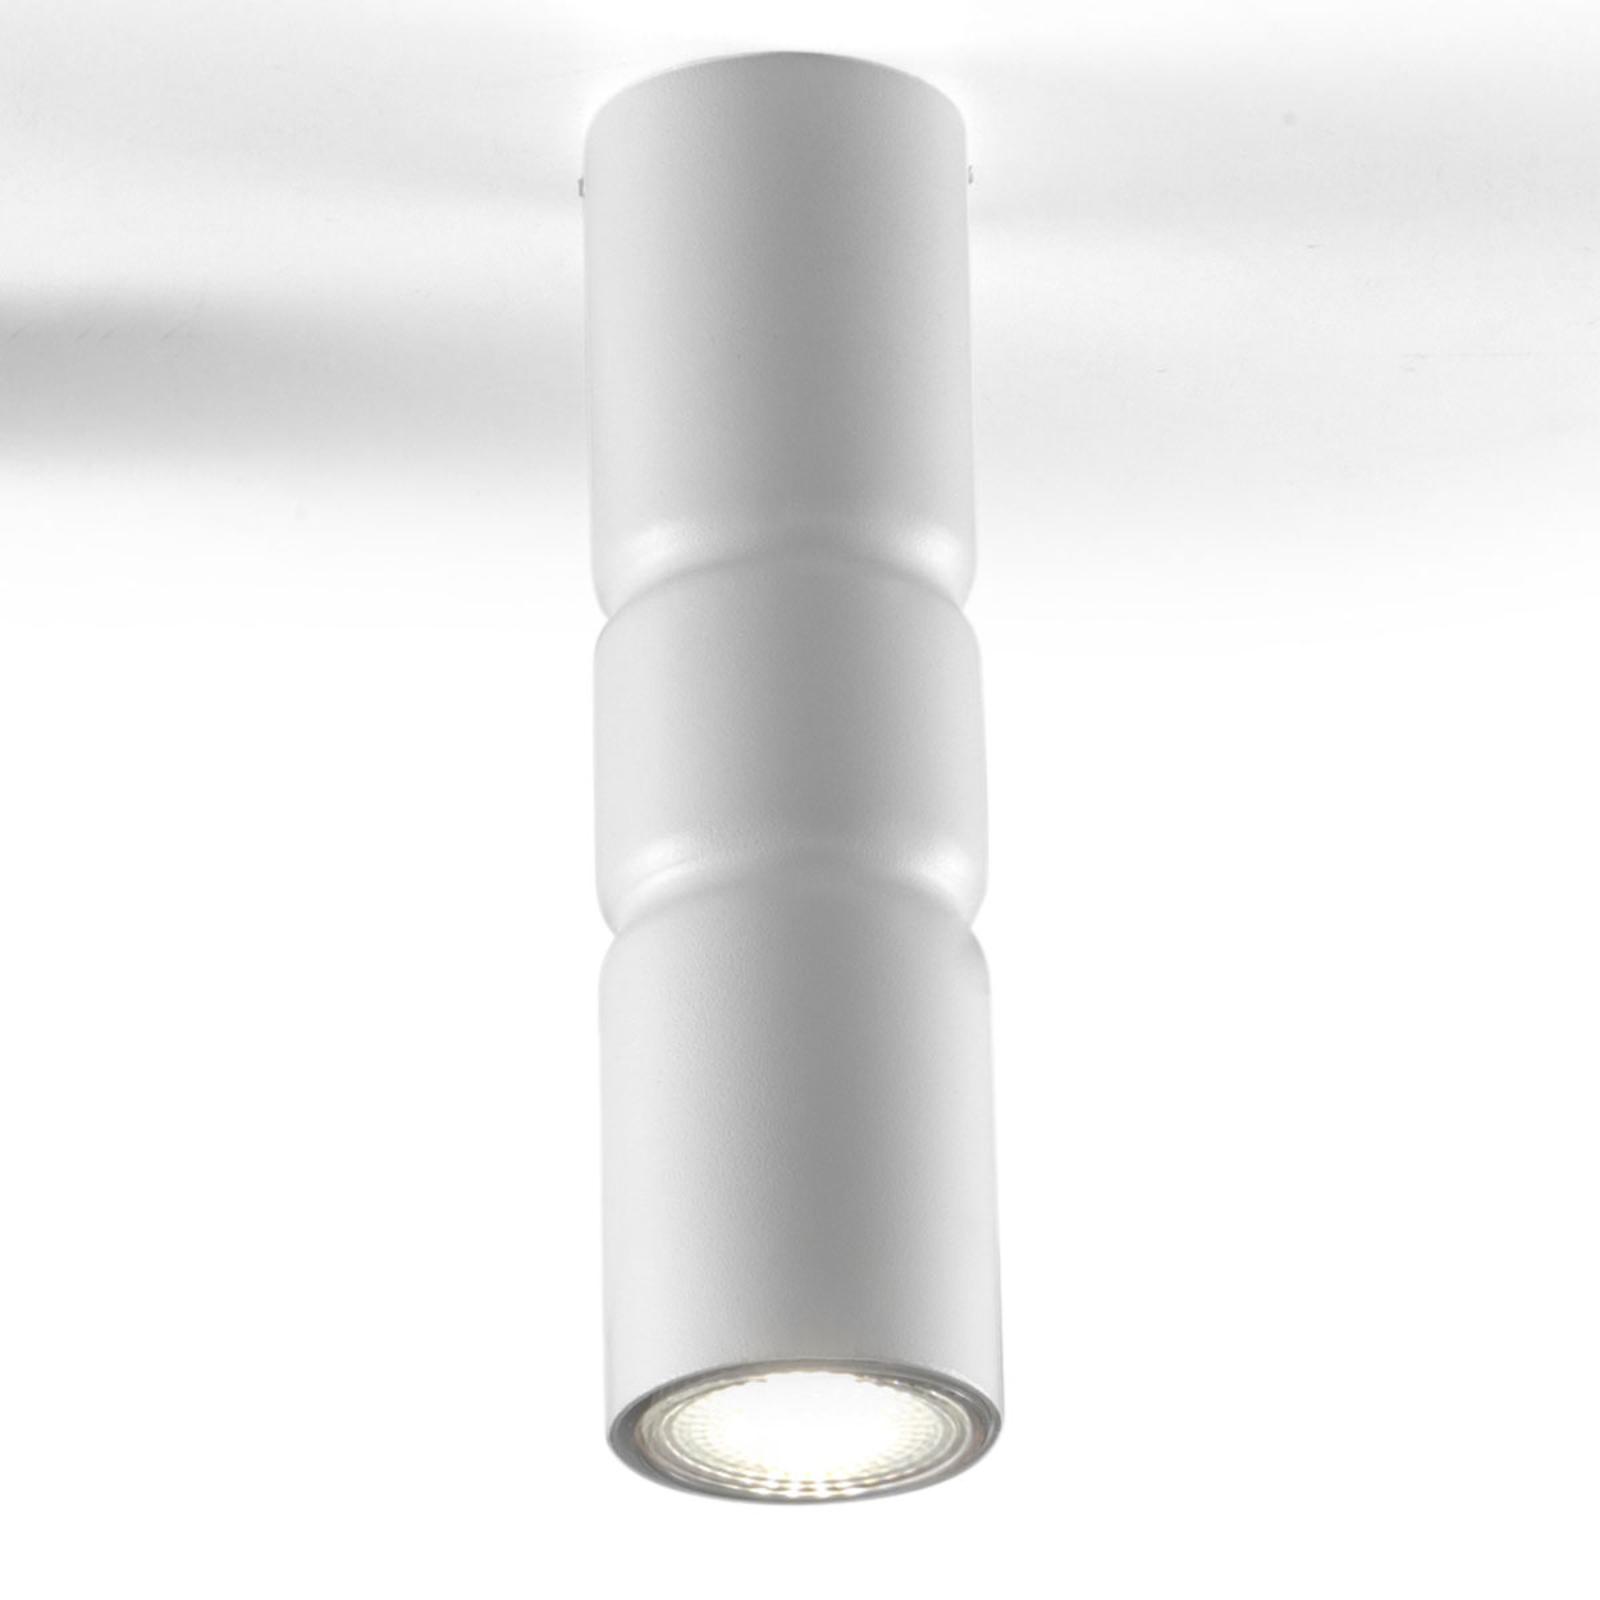 Opbouw plafondlamp Turbo, vaststaand, wit